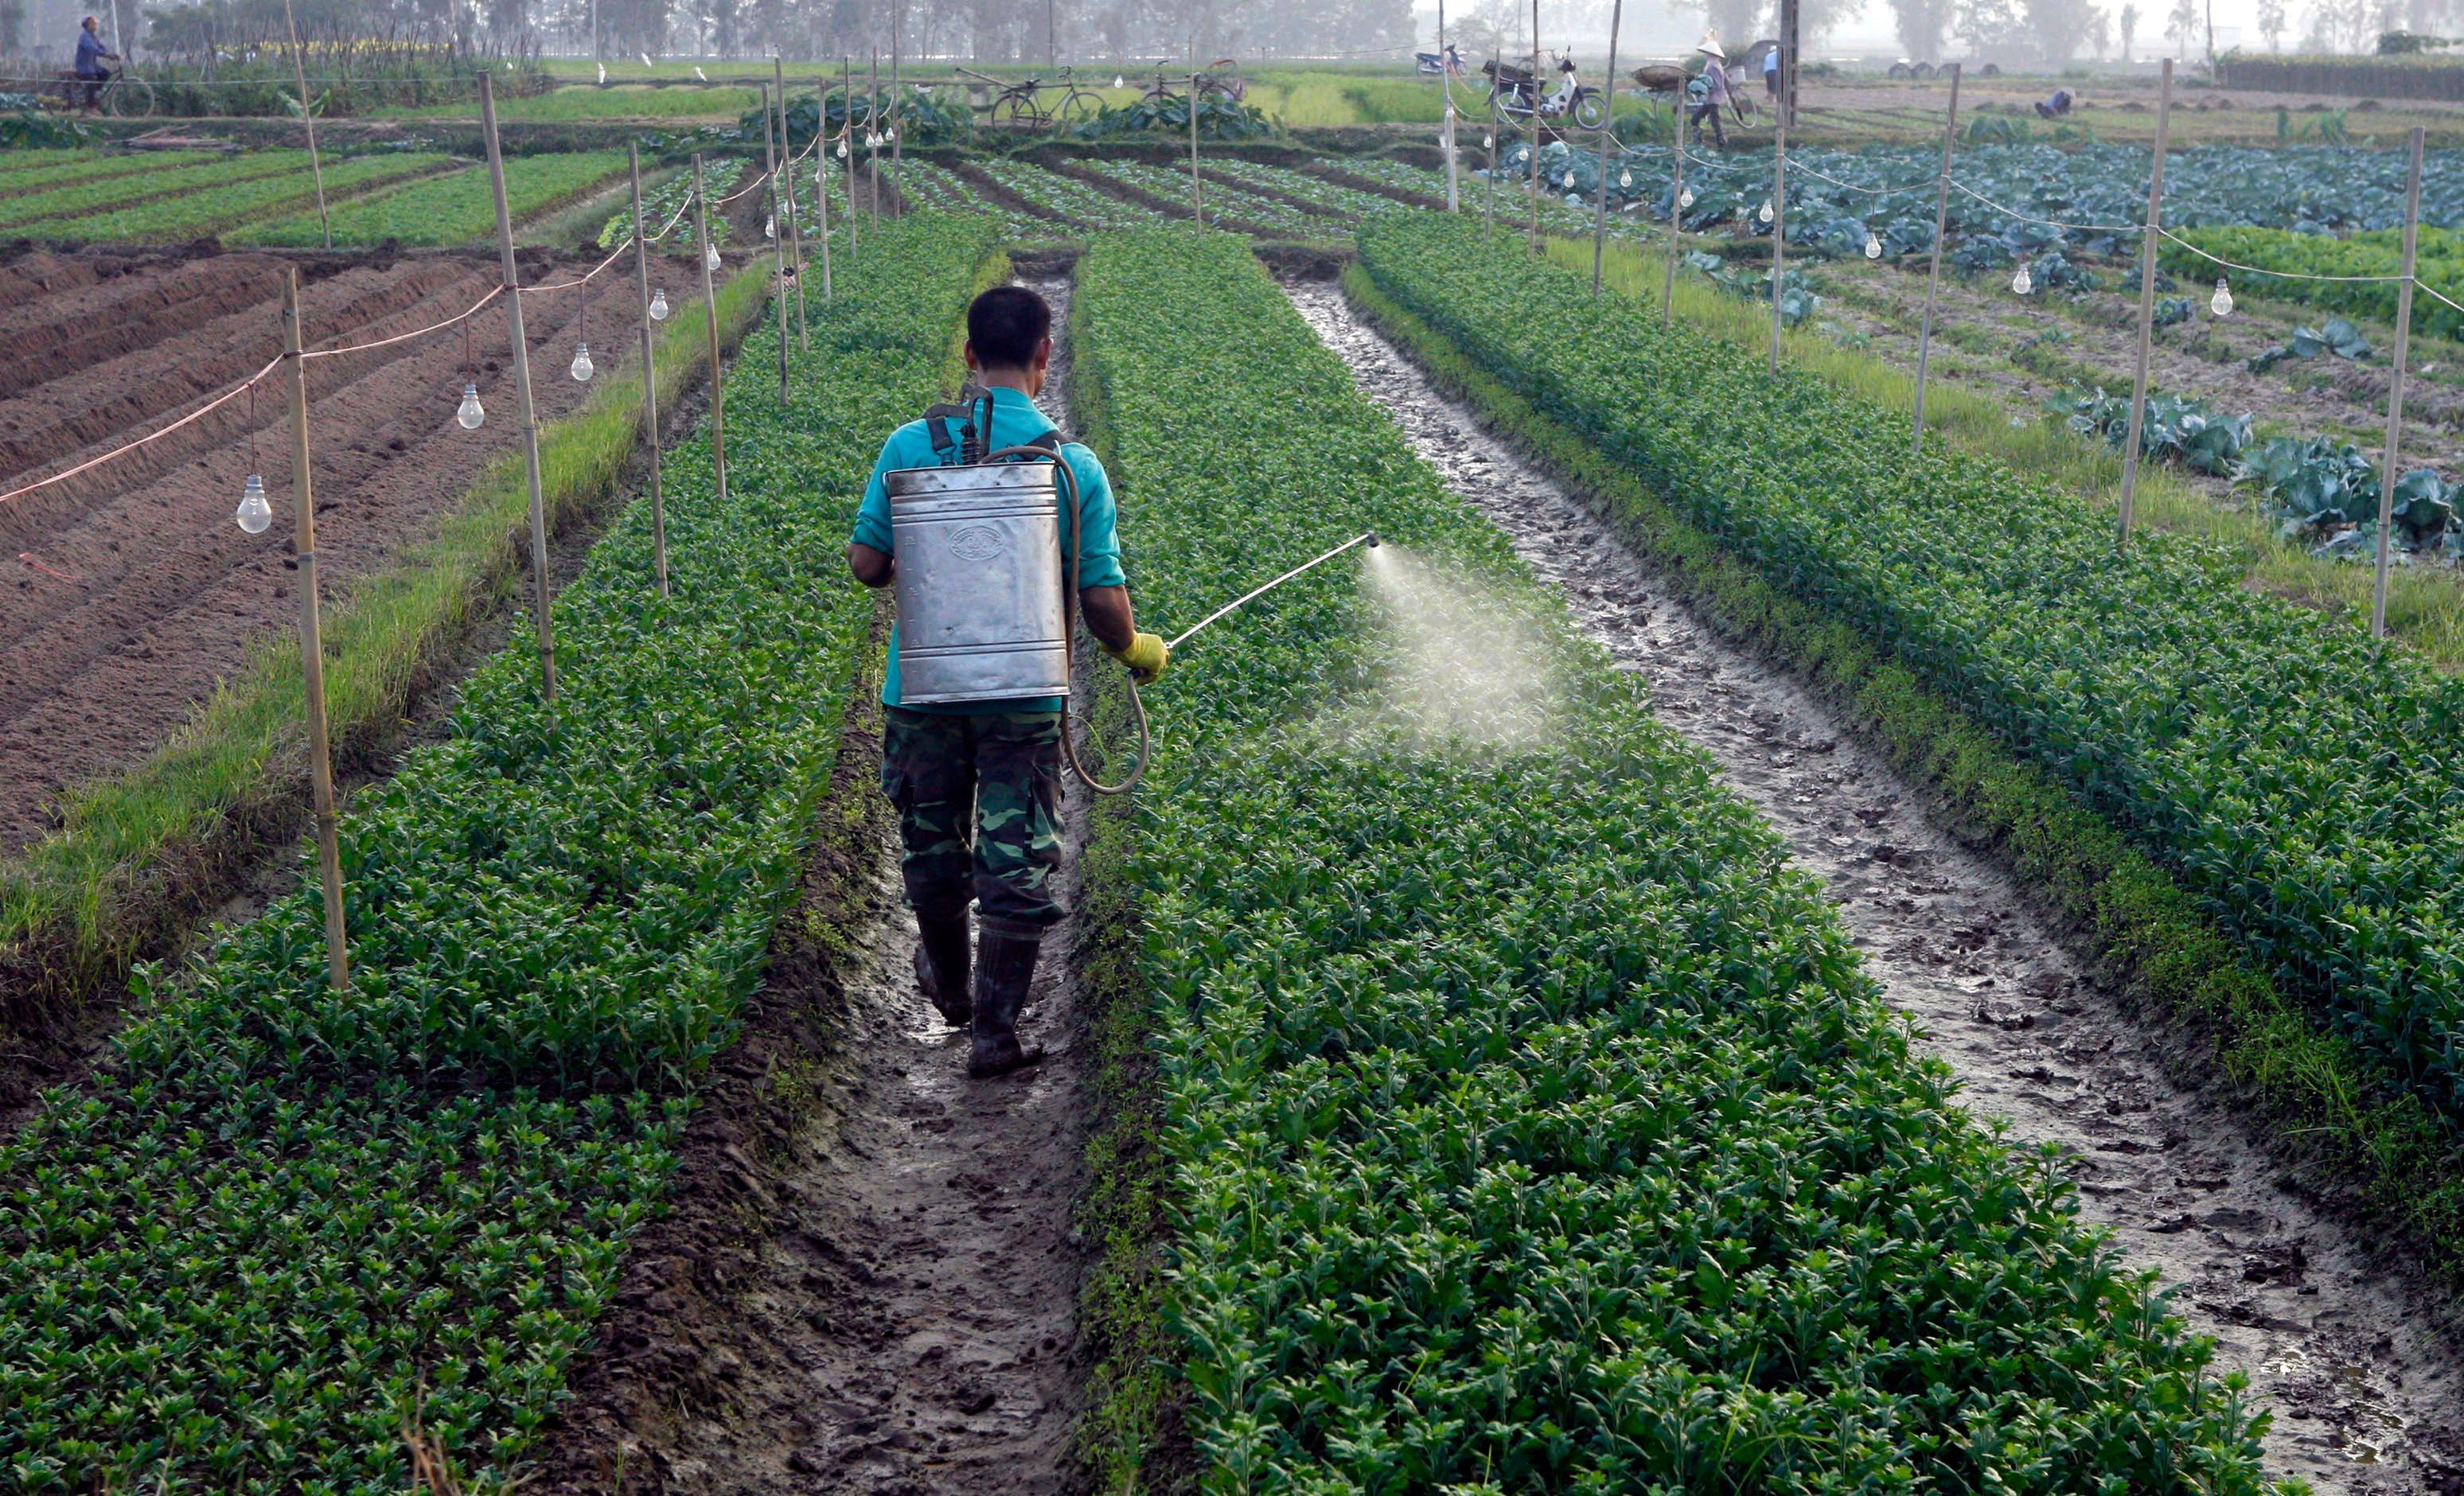 Cancers, maladies du sang, troubles neurologiques... les maladies graves liées aux pesticides sont nombreuses.